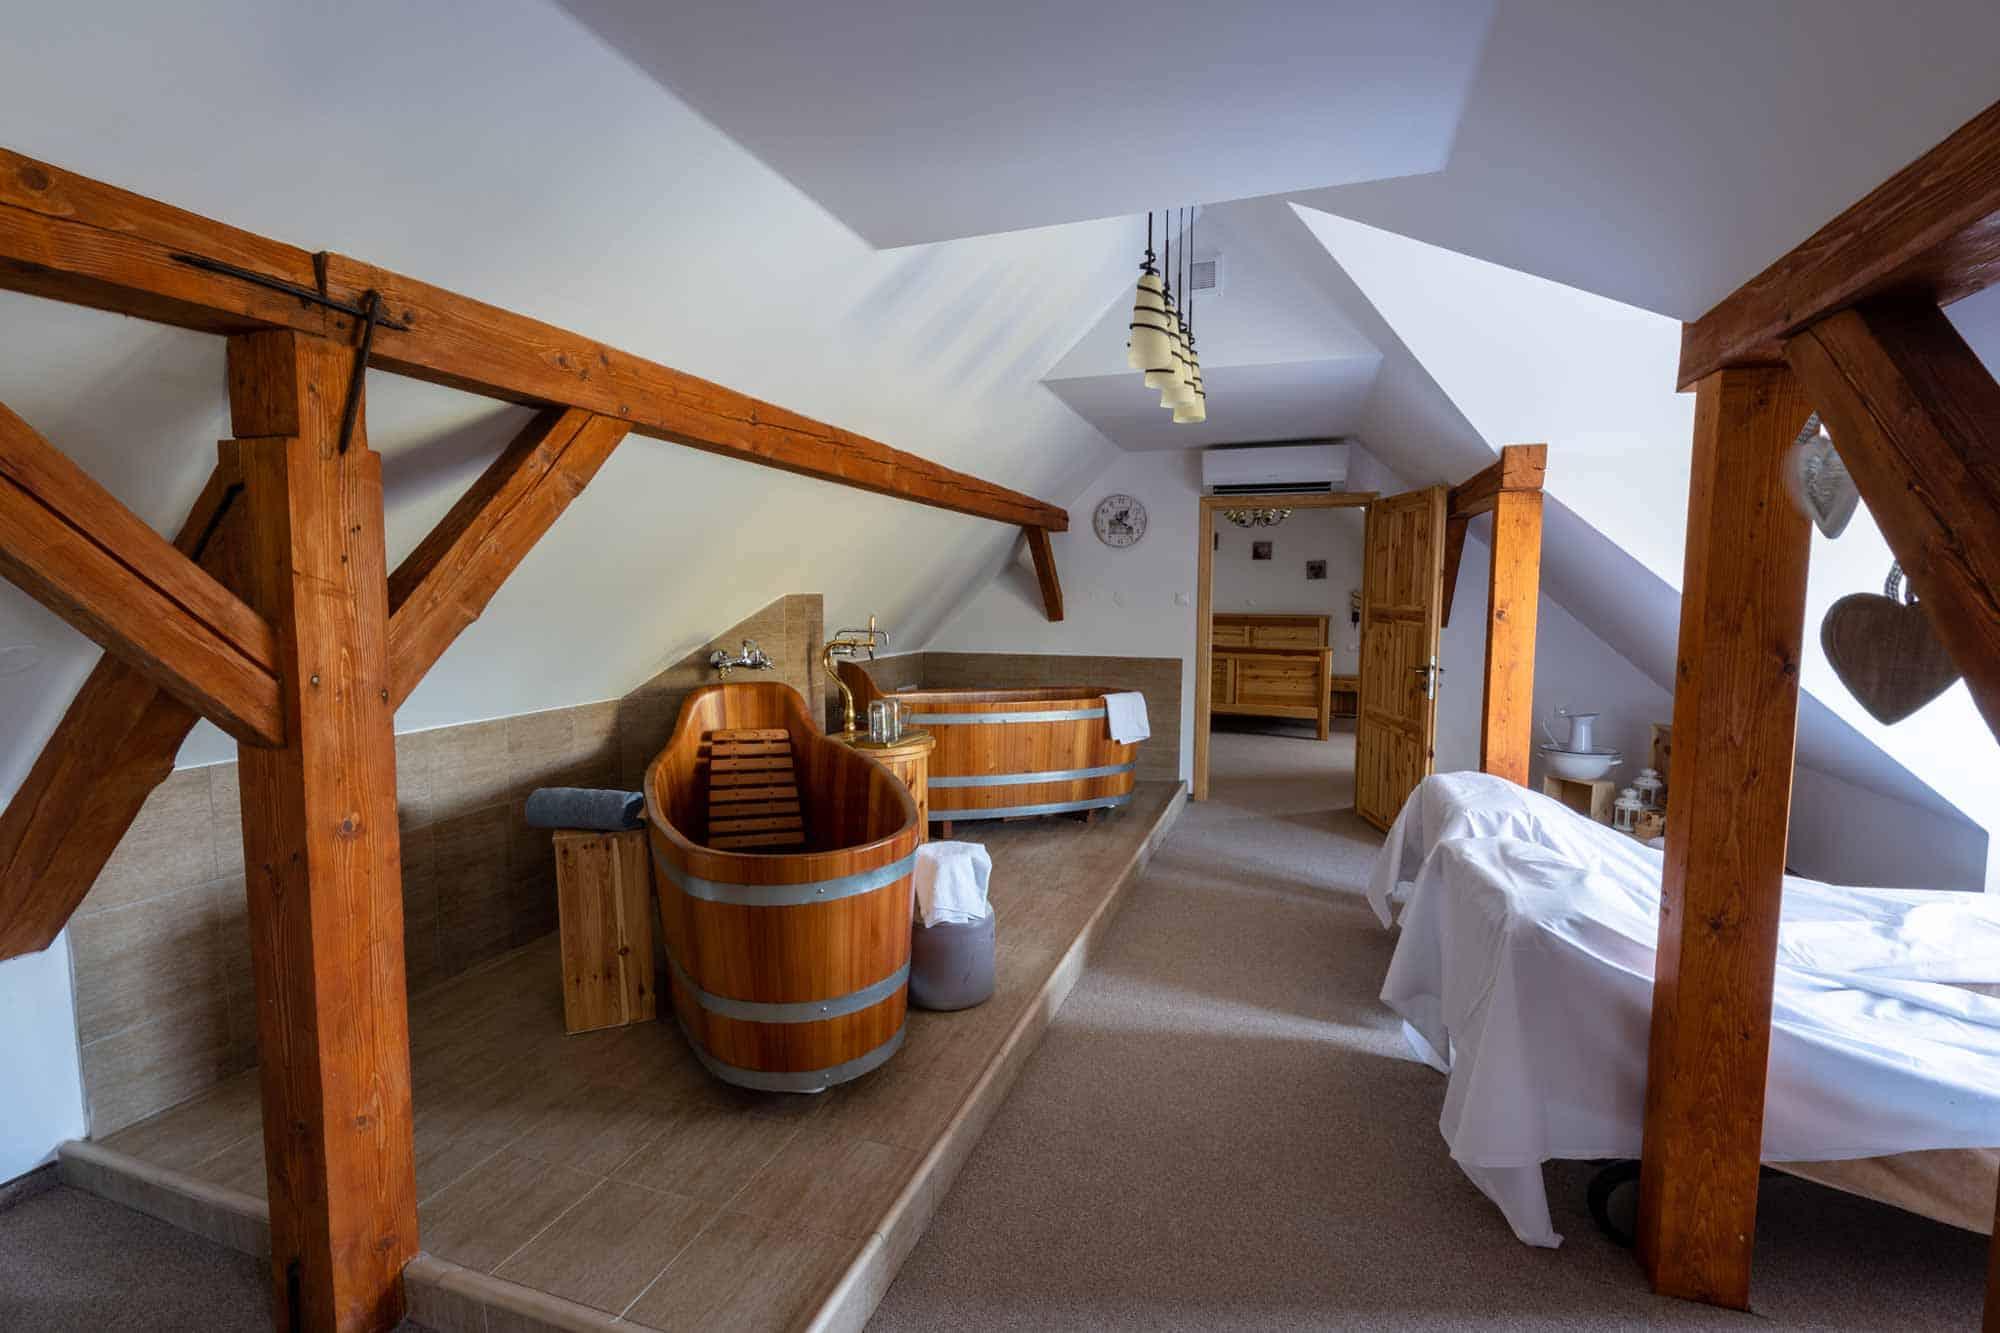 Svachovka Resort Room